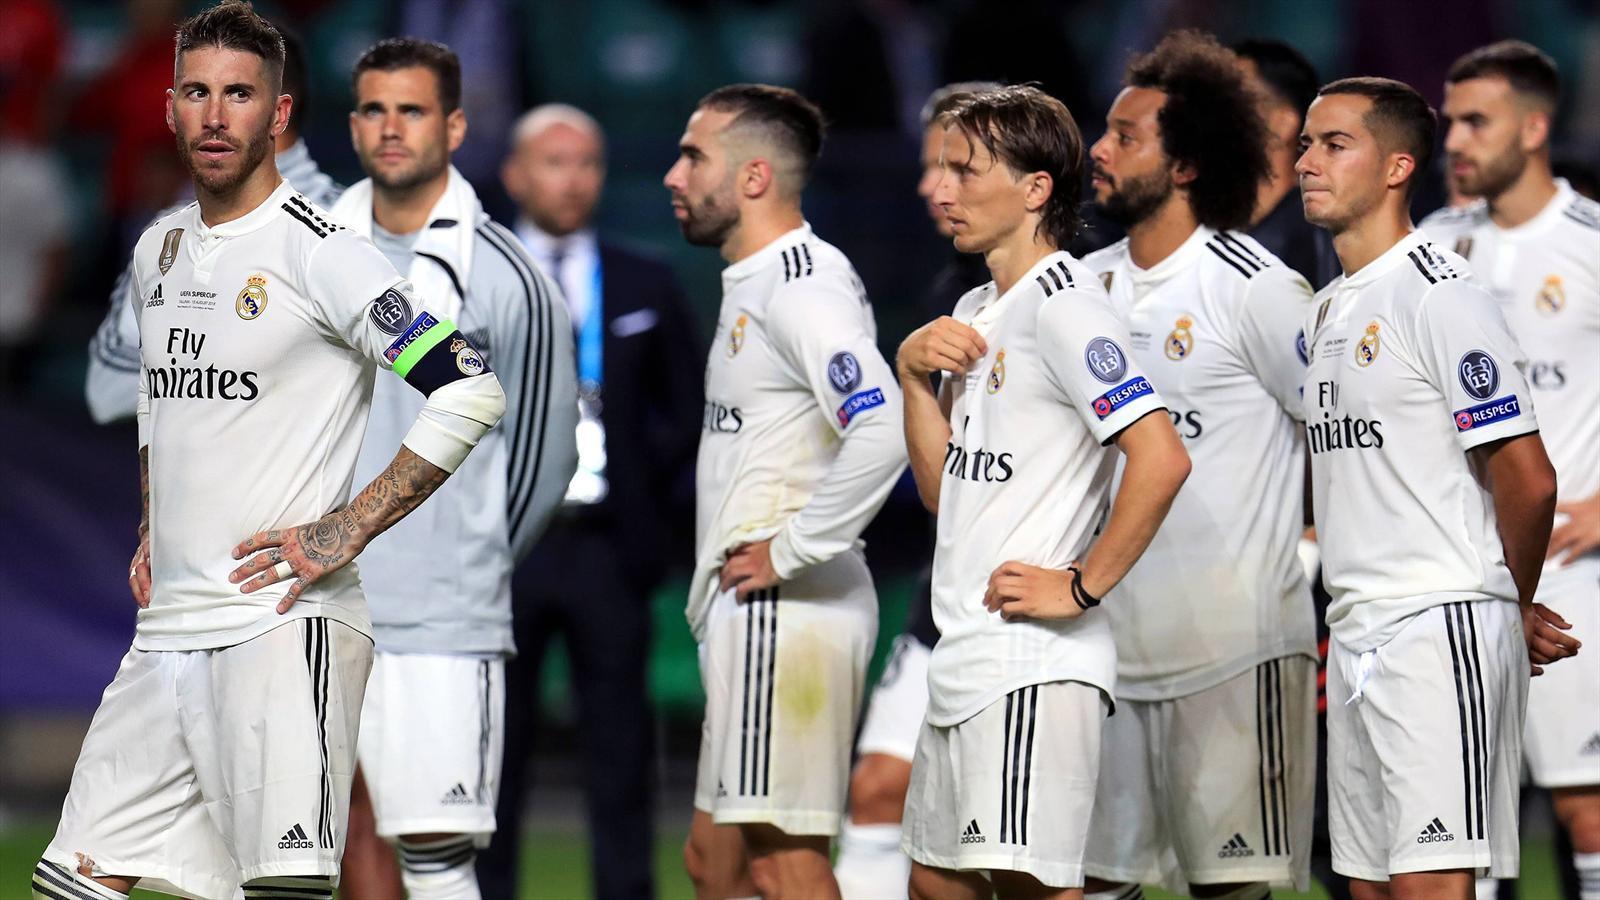 ФА расследует стычку между игроками Манчестер Сити и Челси